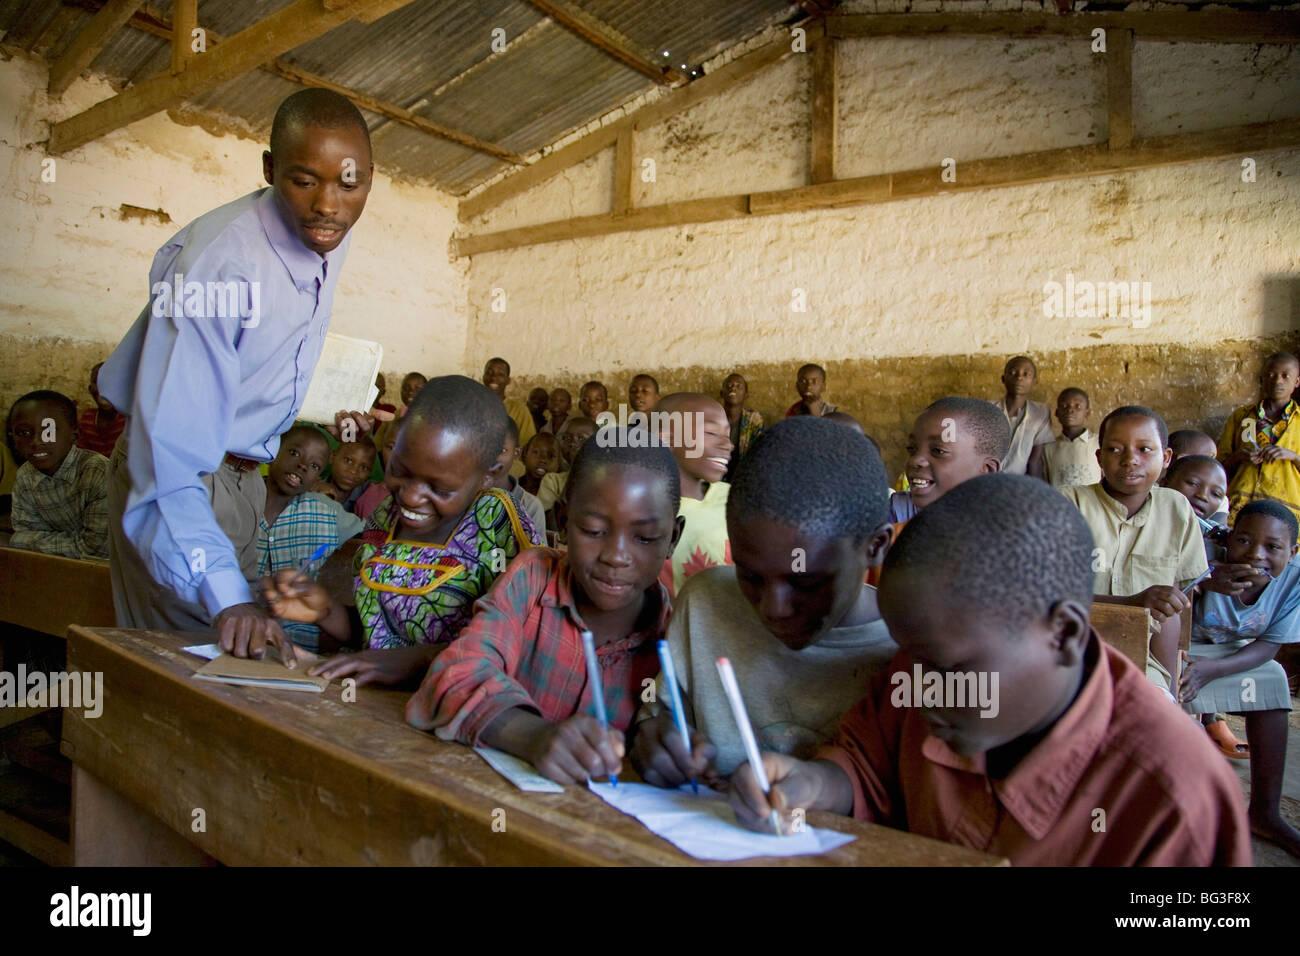 Village of Masango, Province of Cibitoke, Burundi, Africa - Stock Image